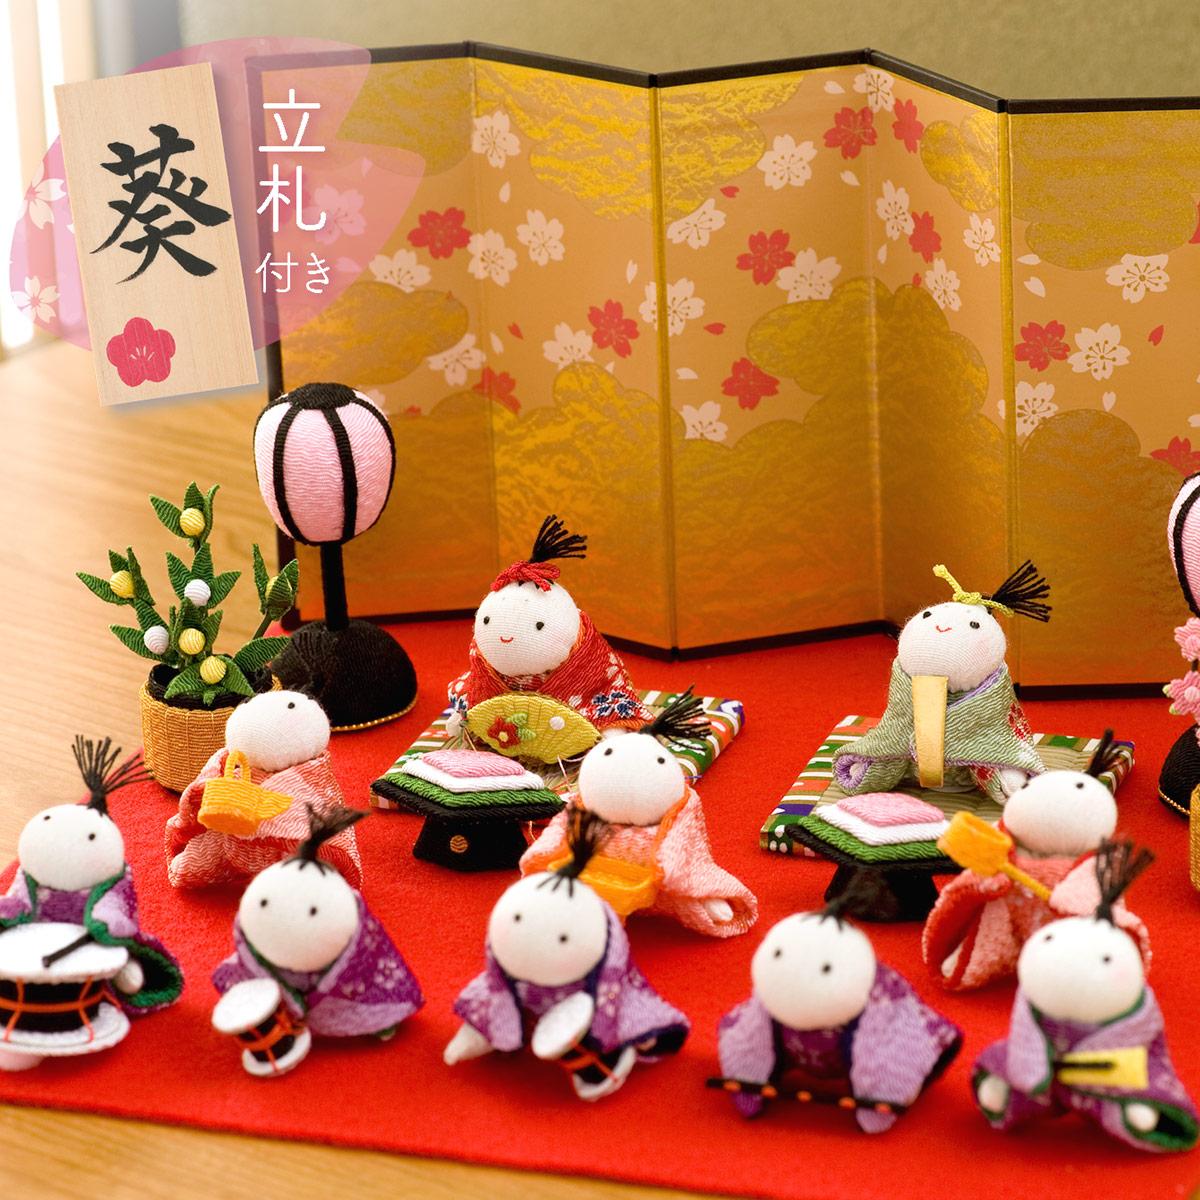 【送料無料】 雛人形 ひな人形 ちりめん コンパクト 小さい ミニ お雛様 【京の豆わらべ雛10人揃い】『龍虎堂』【リュウコドウ】